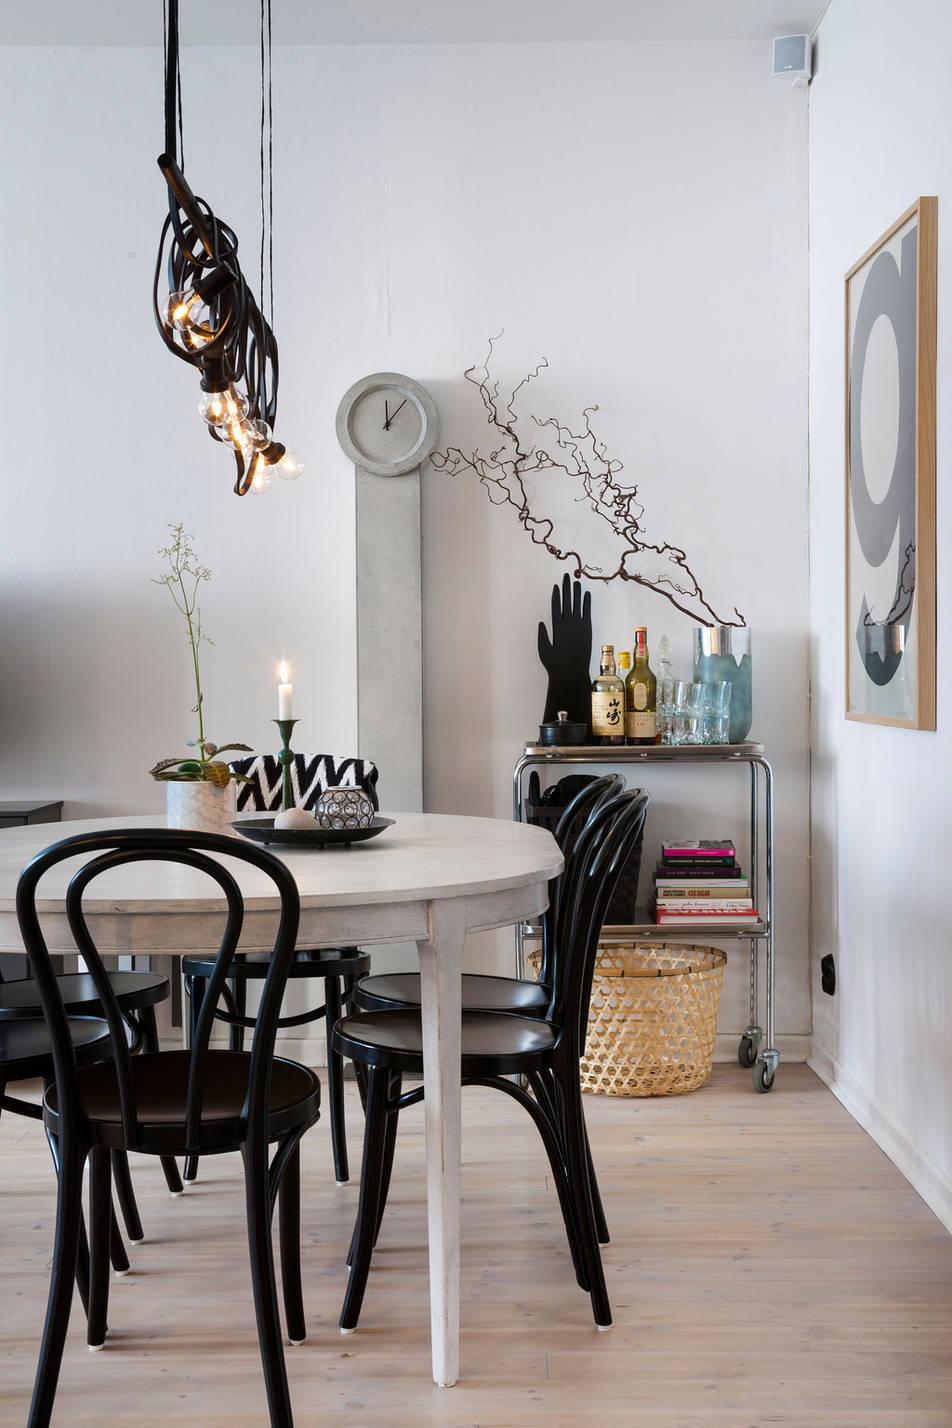 Lámparas colgantes – bombilla y flexos - Blog decoración estilo ...